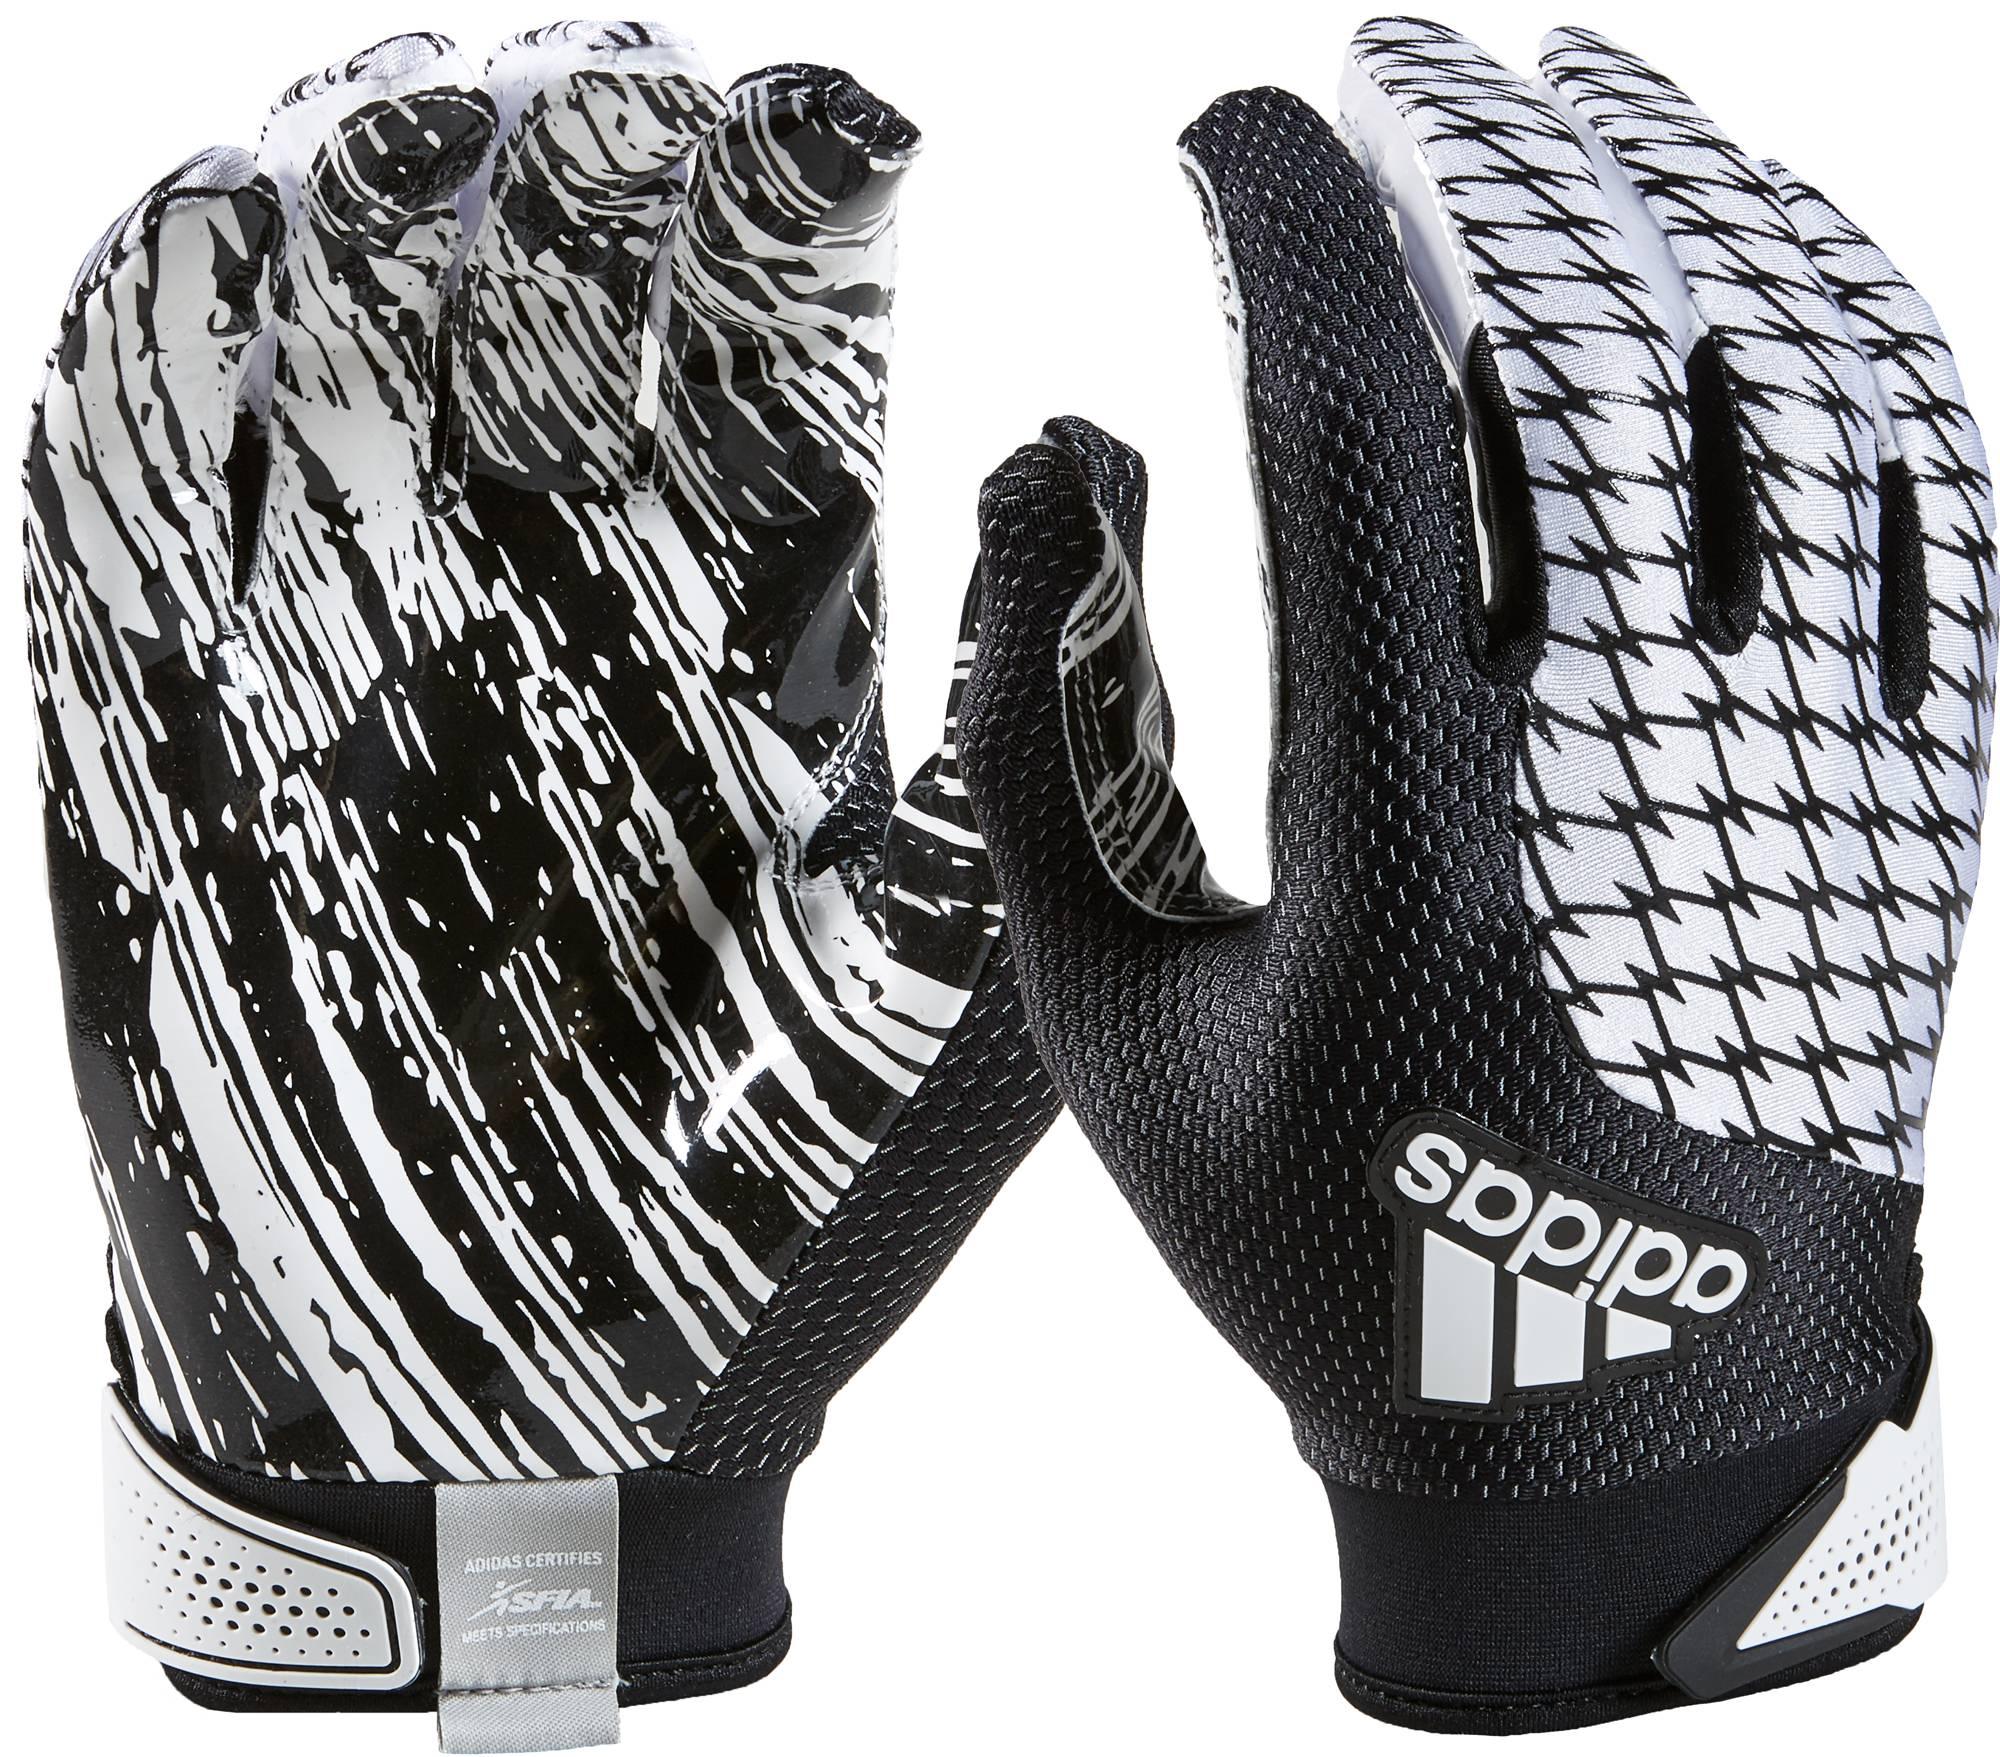 fe27c5da435 adidas Adifast 2.0 Youth Football Receiver Gloves